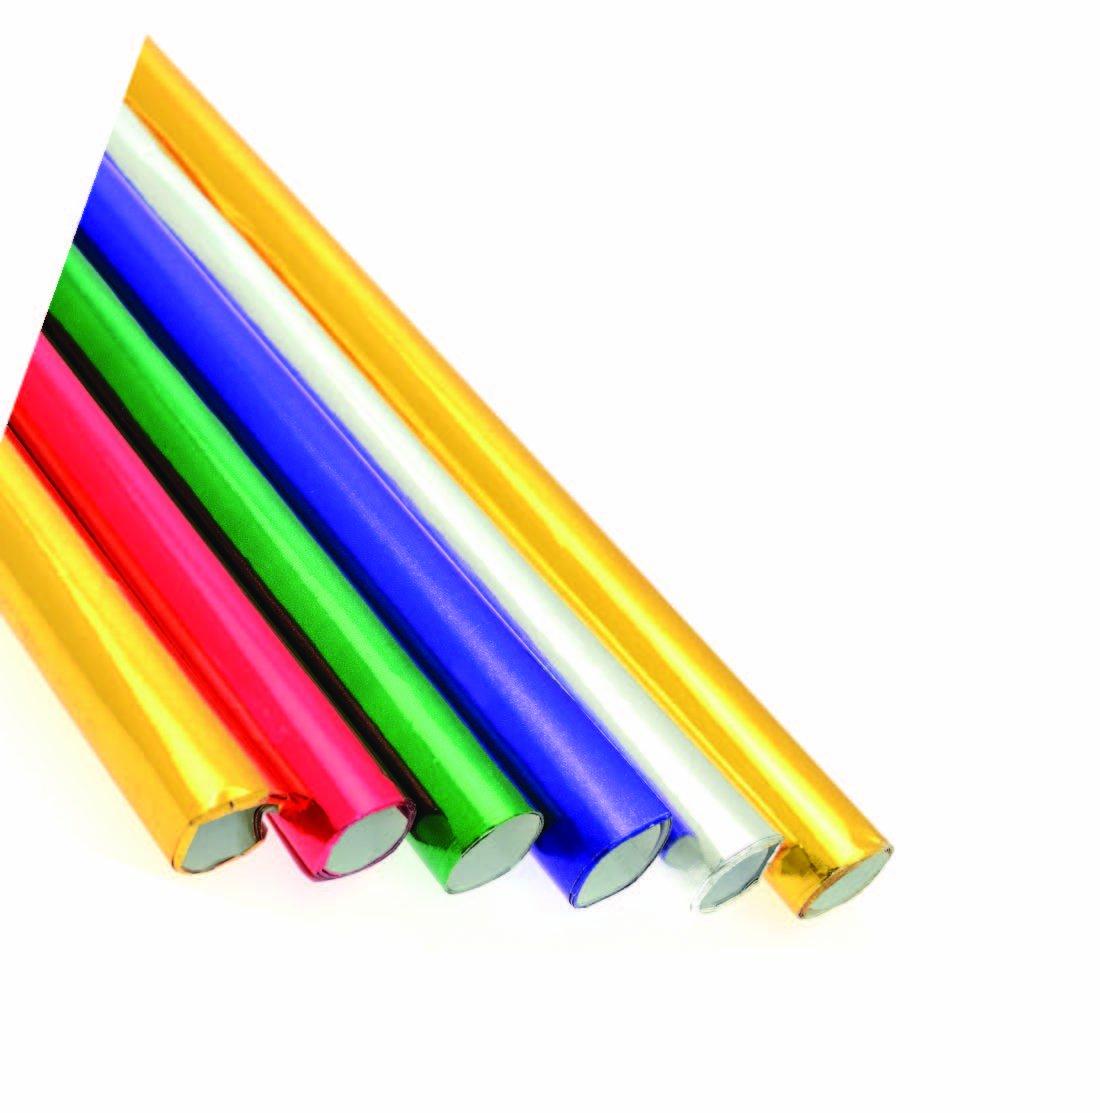 Ci - Confezione da 6 rotoli di carta metallica in alluminio, 50 x 70 cm, colori: Rosso/Verde/Viola/Argento/Oro 98203-CI-101